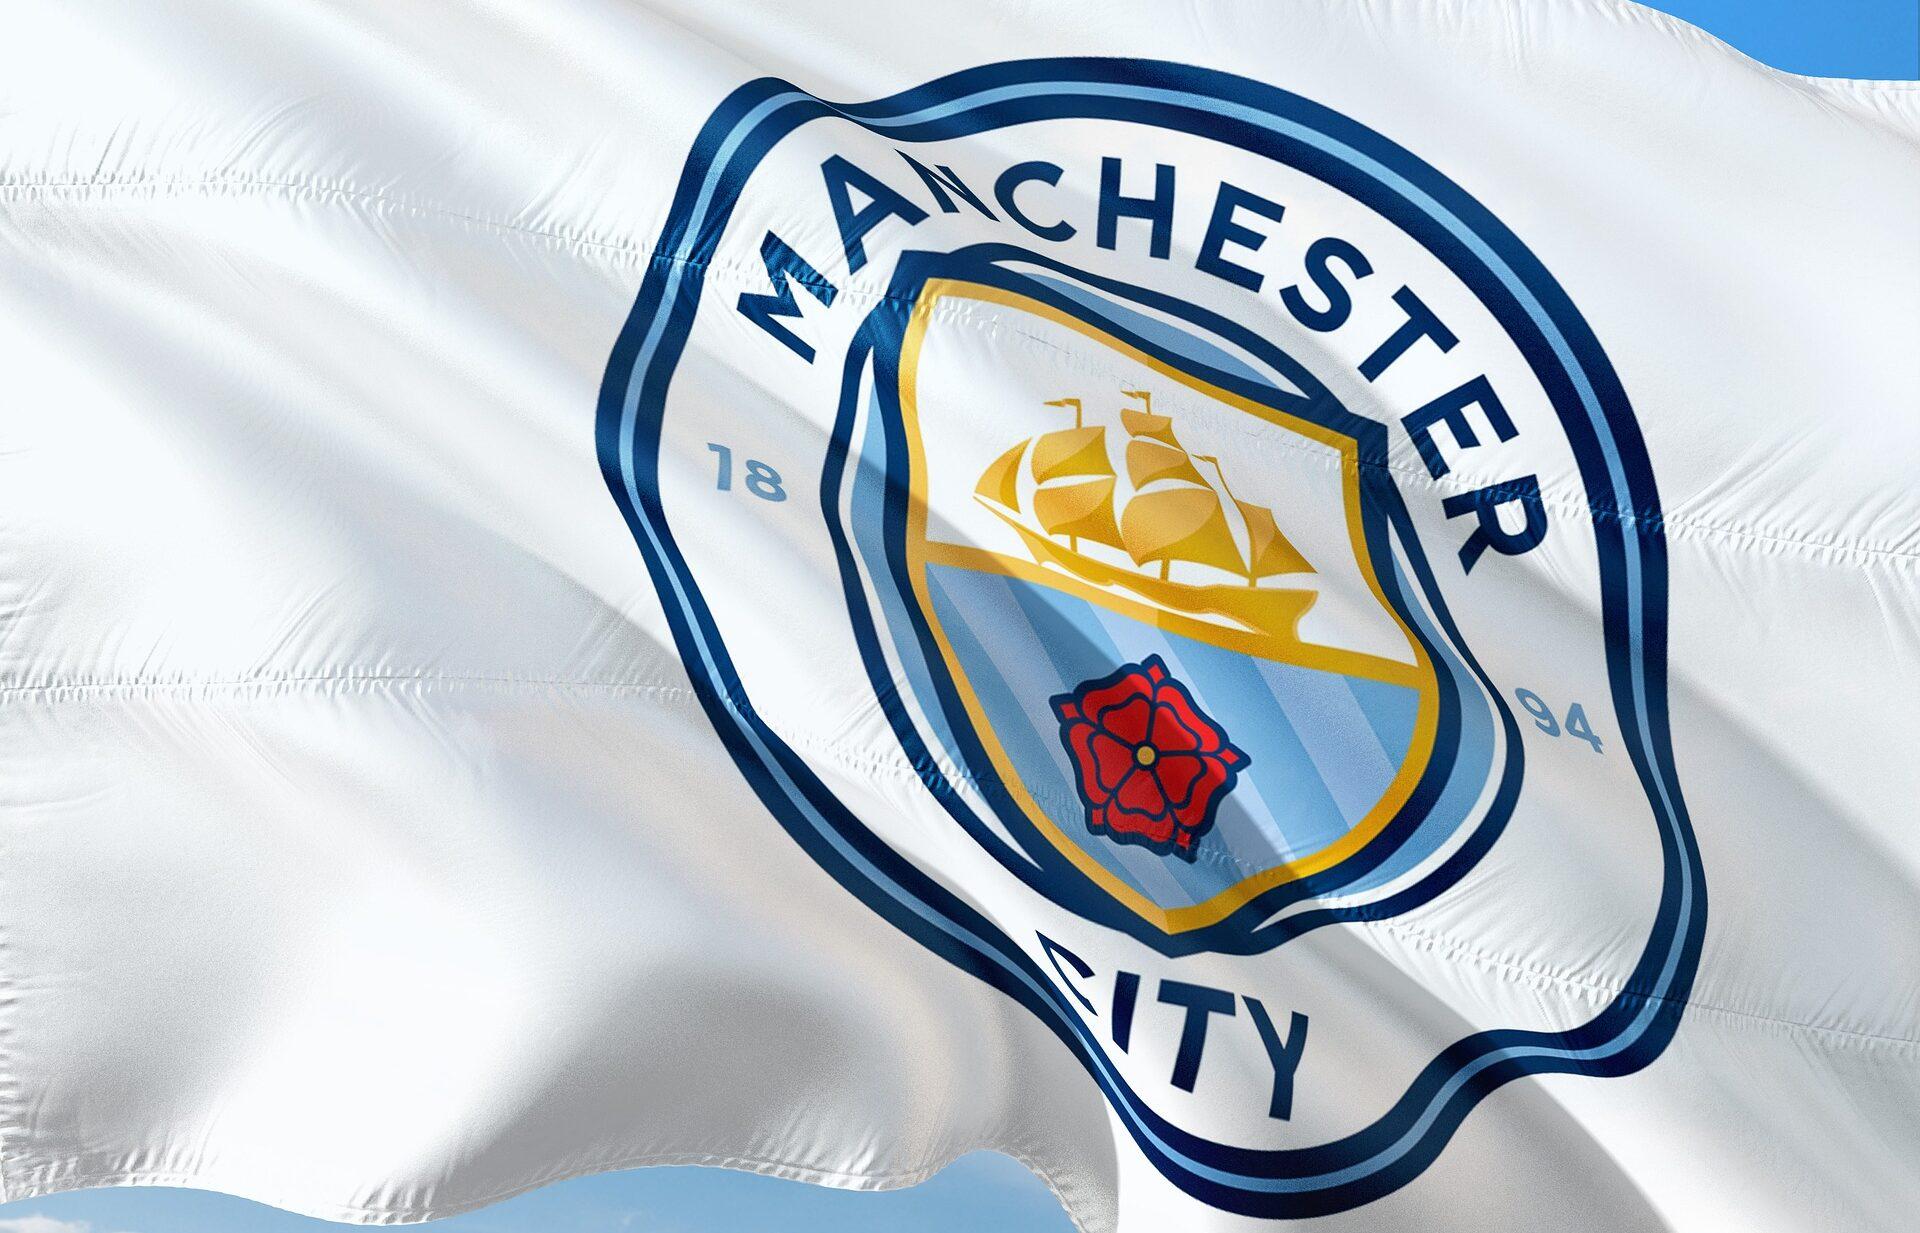 Equipo del fútbol inglés Manchester City se une a Animoca Brands para impulsar sus coleccionables digitales blockchain